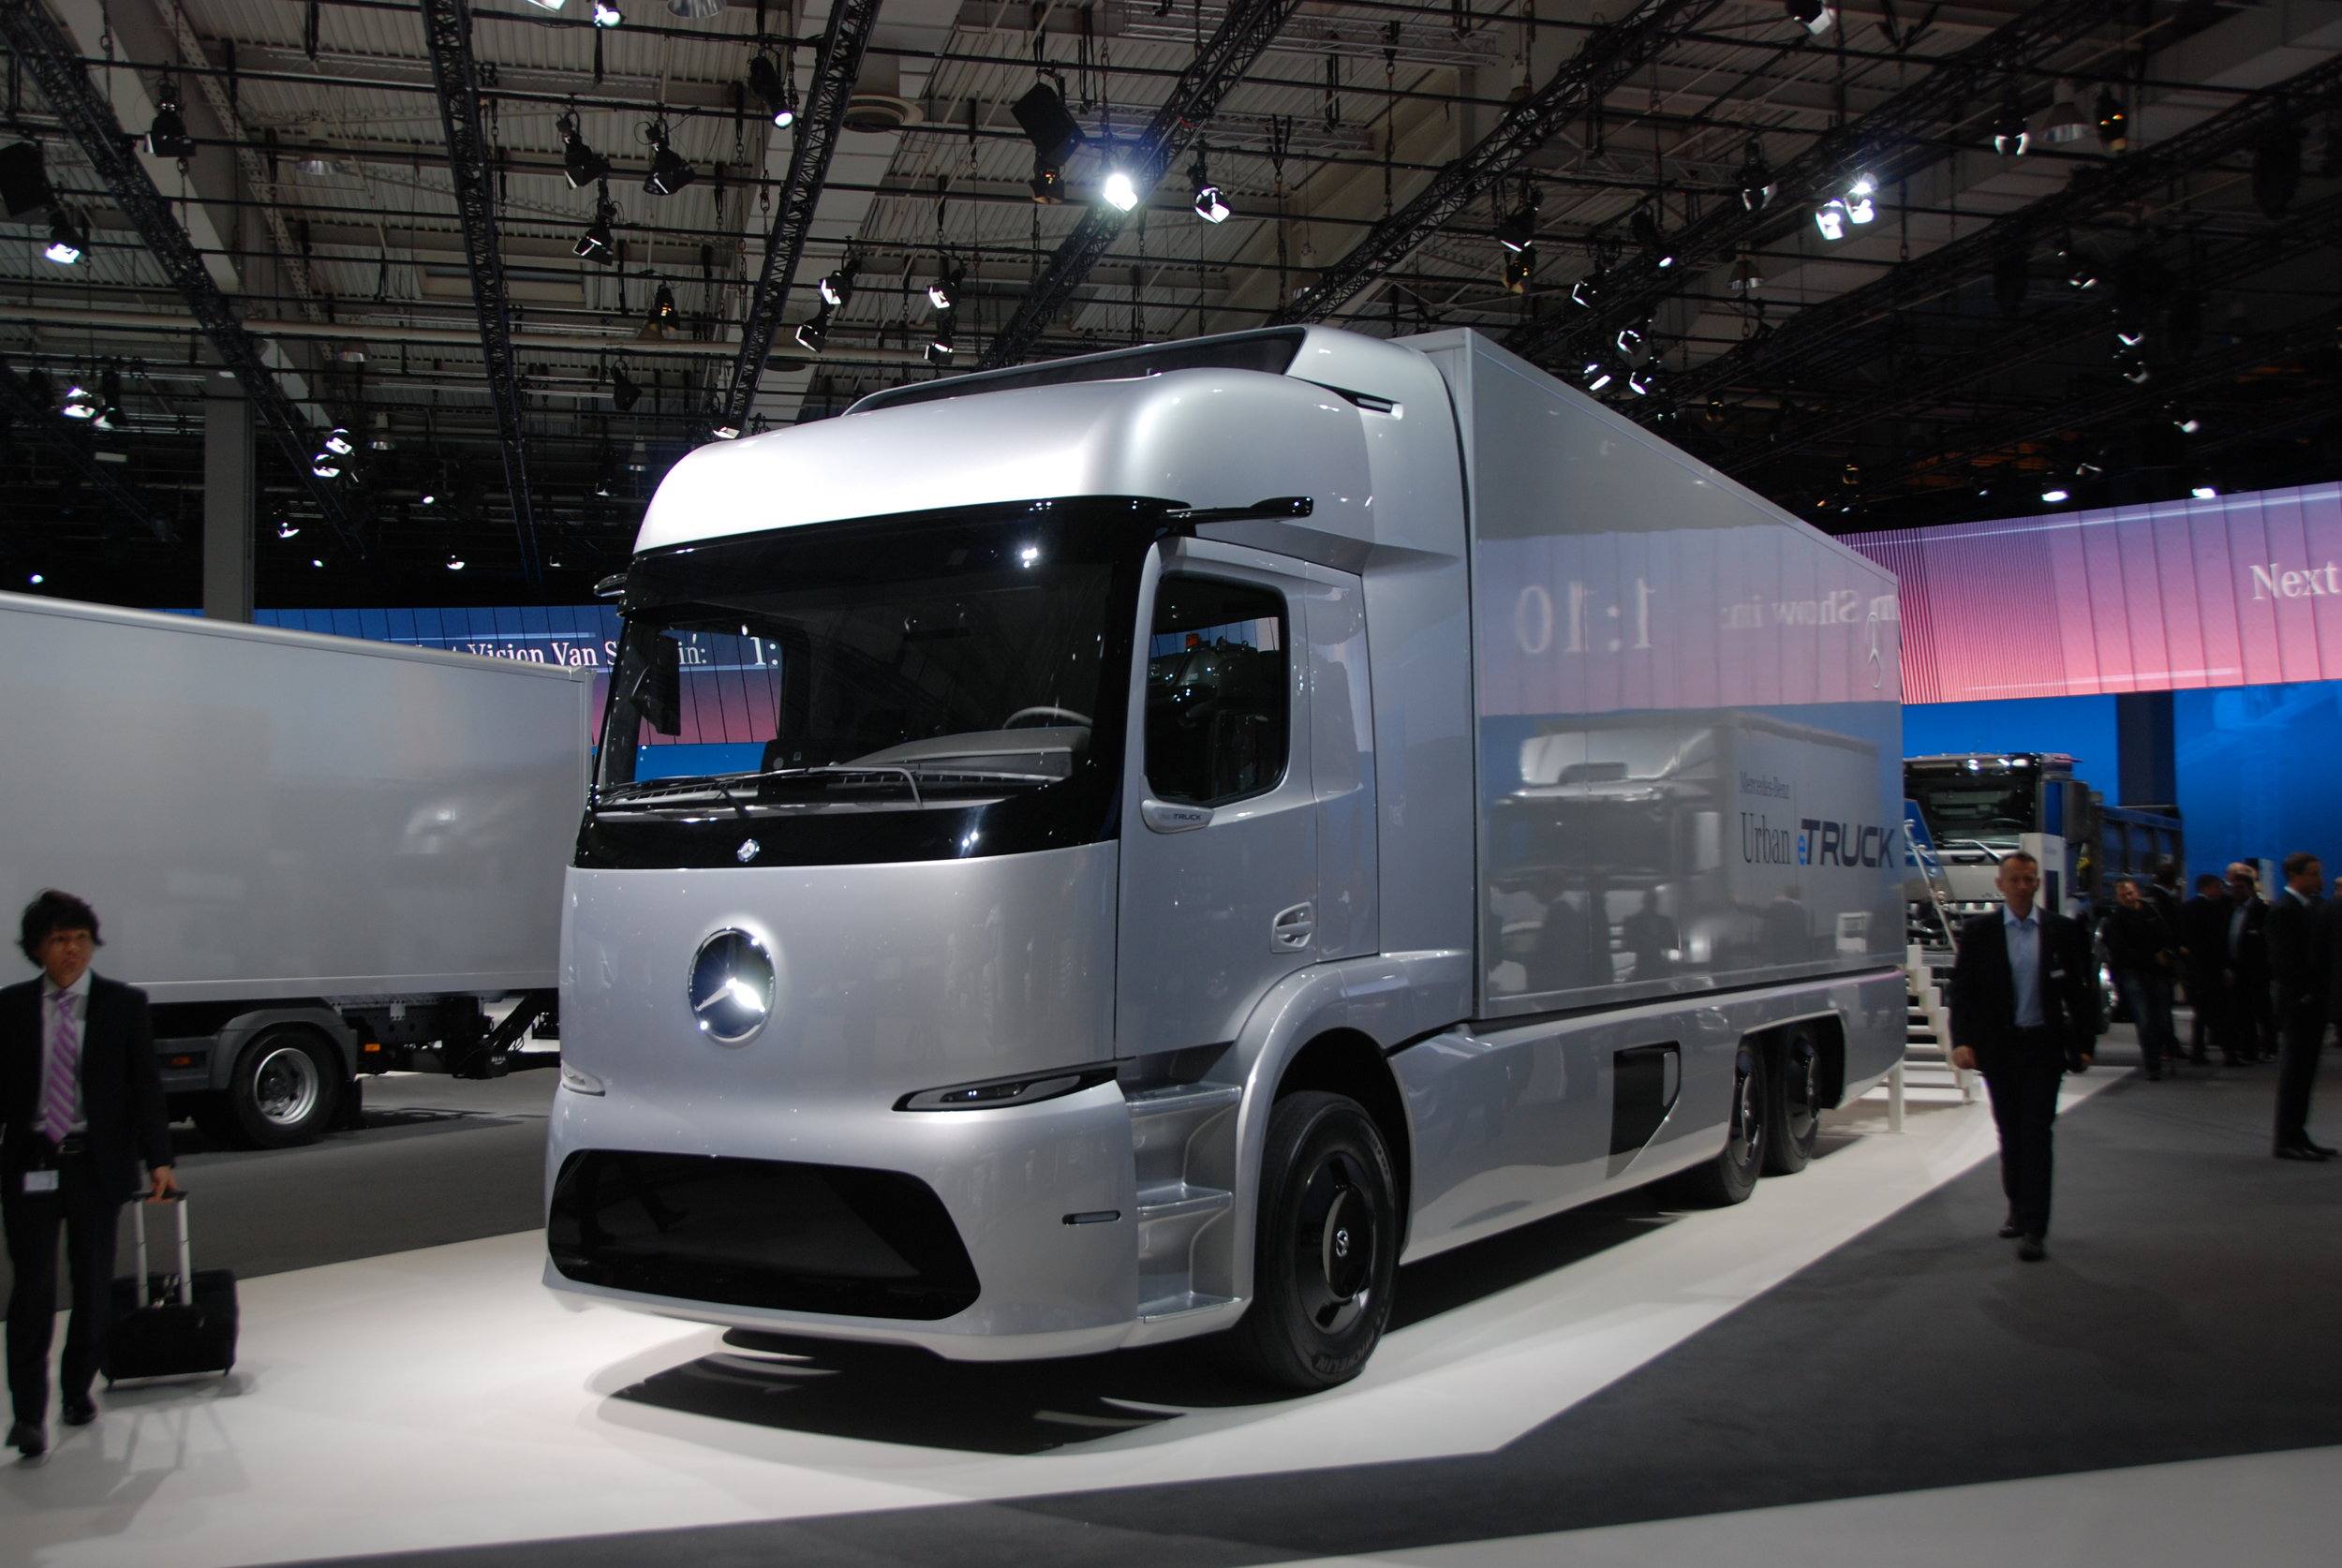 Elektrický nákladní automobil od Mercedesu zaujal absolutně tichou jízdou. Rešení by jistě mohlo nalézt cestu i na elektrický autobus. (foto: Libor Hinčica)